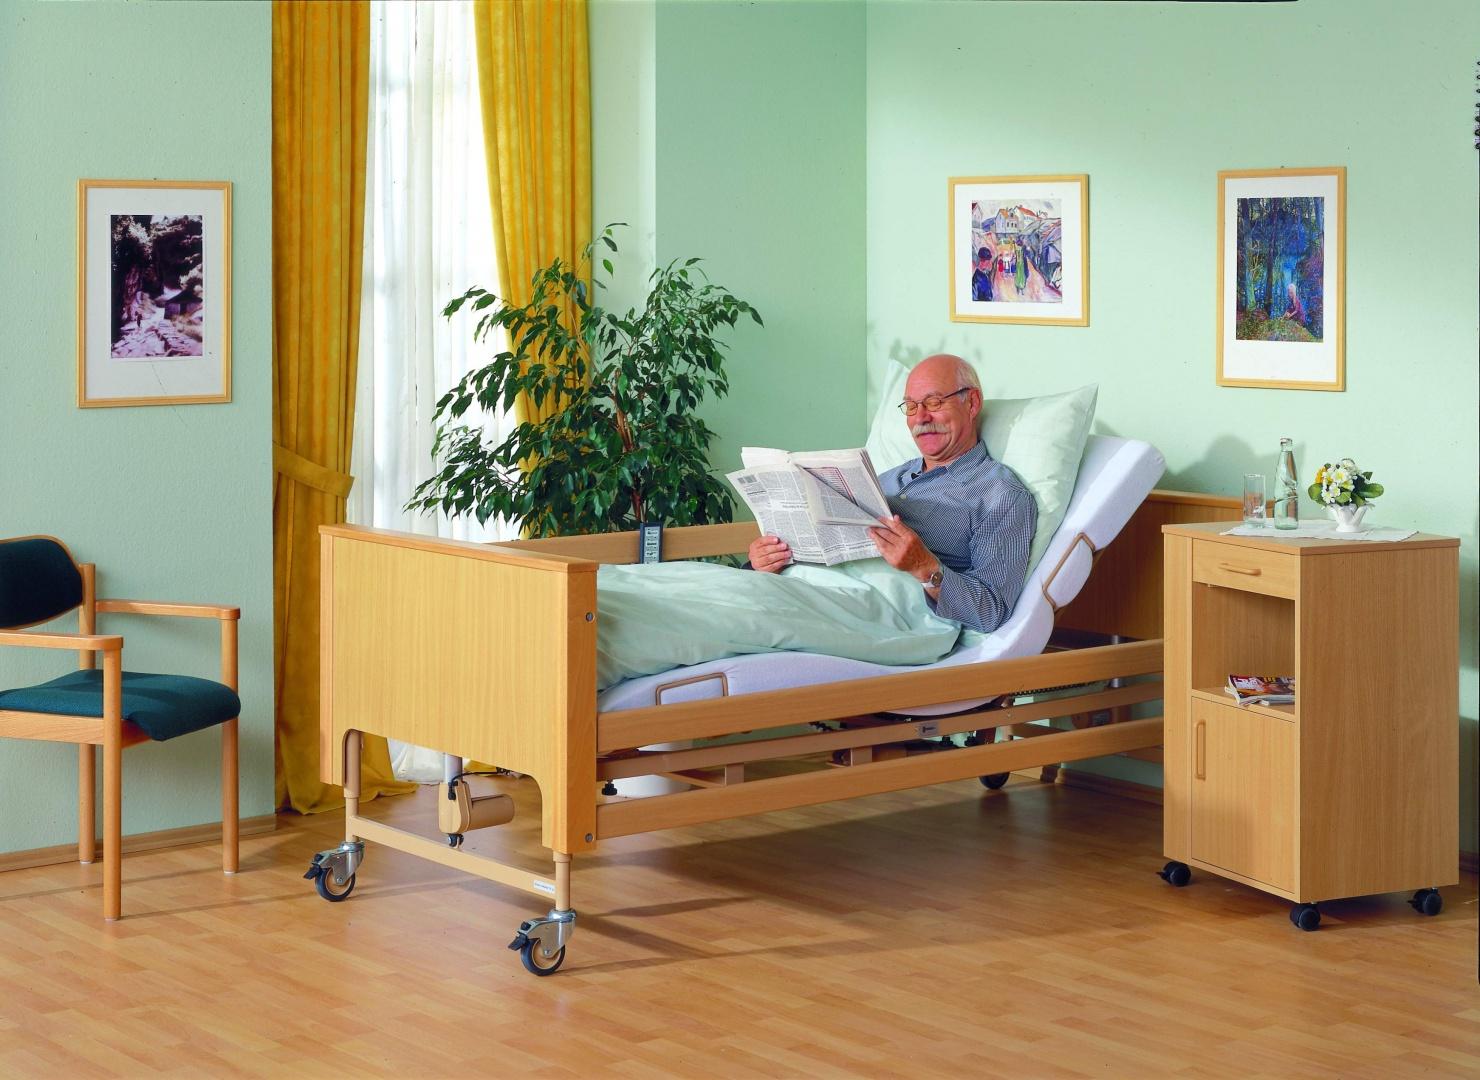 Letto ortopedico elettrico a motori per anziani o infermi haydn